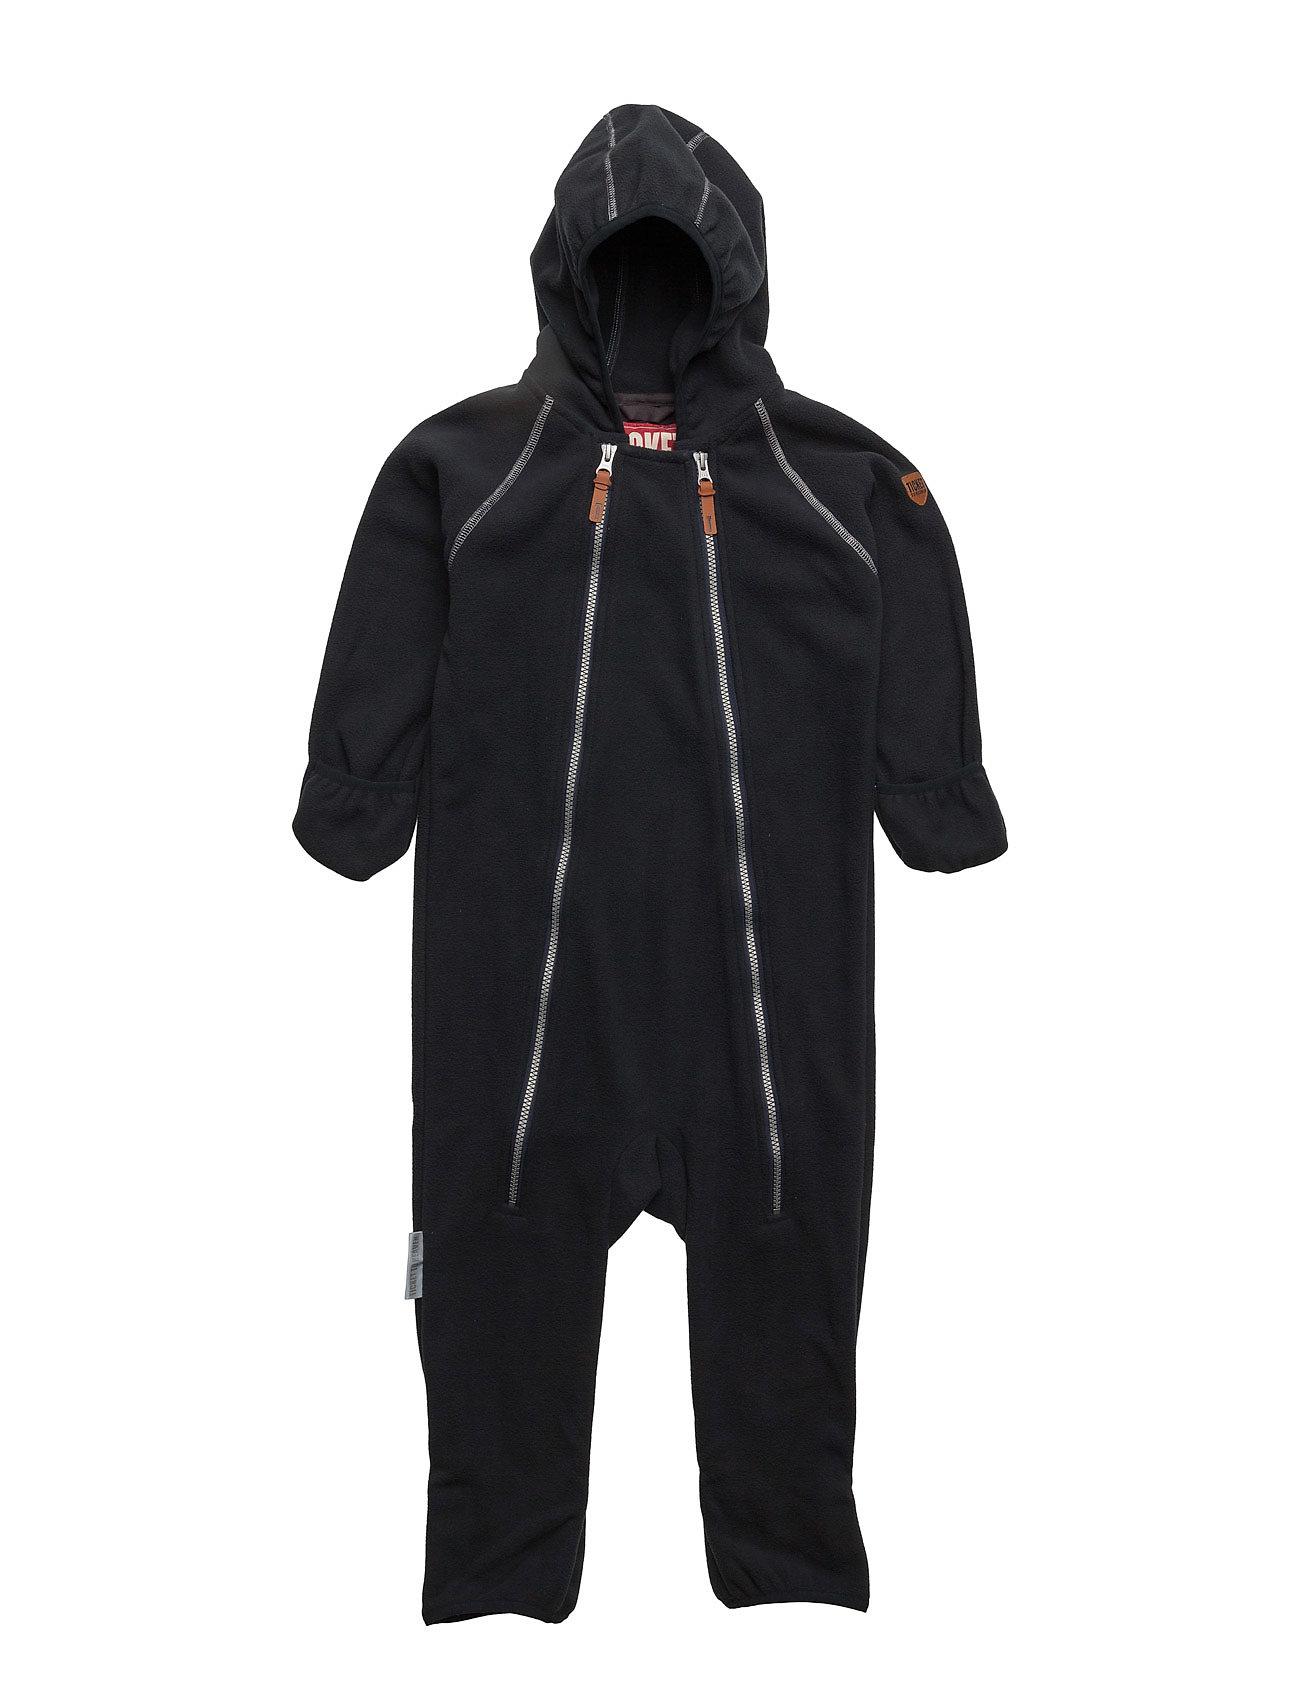 Suit Fleece Royce 1/1 Sleeves Ticket to Heaven Fleece til Børn i